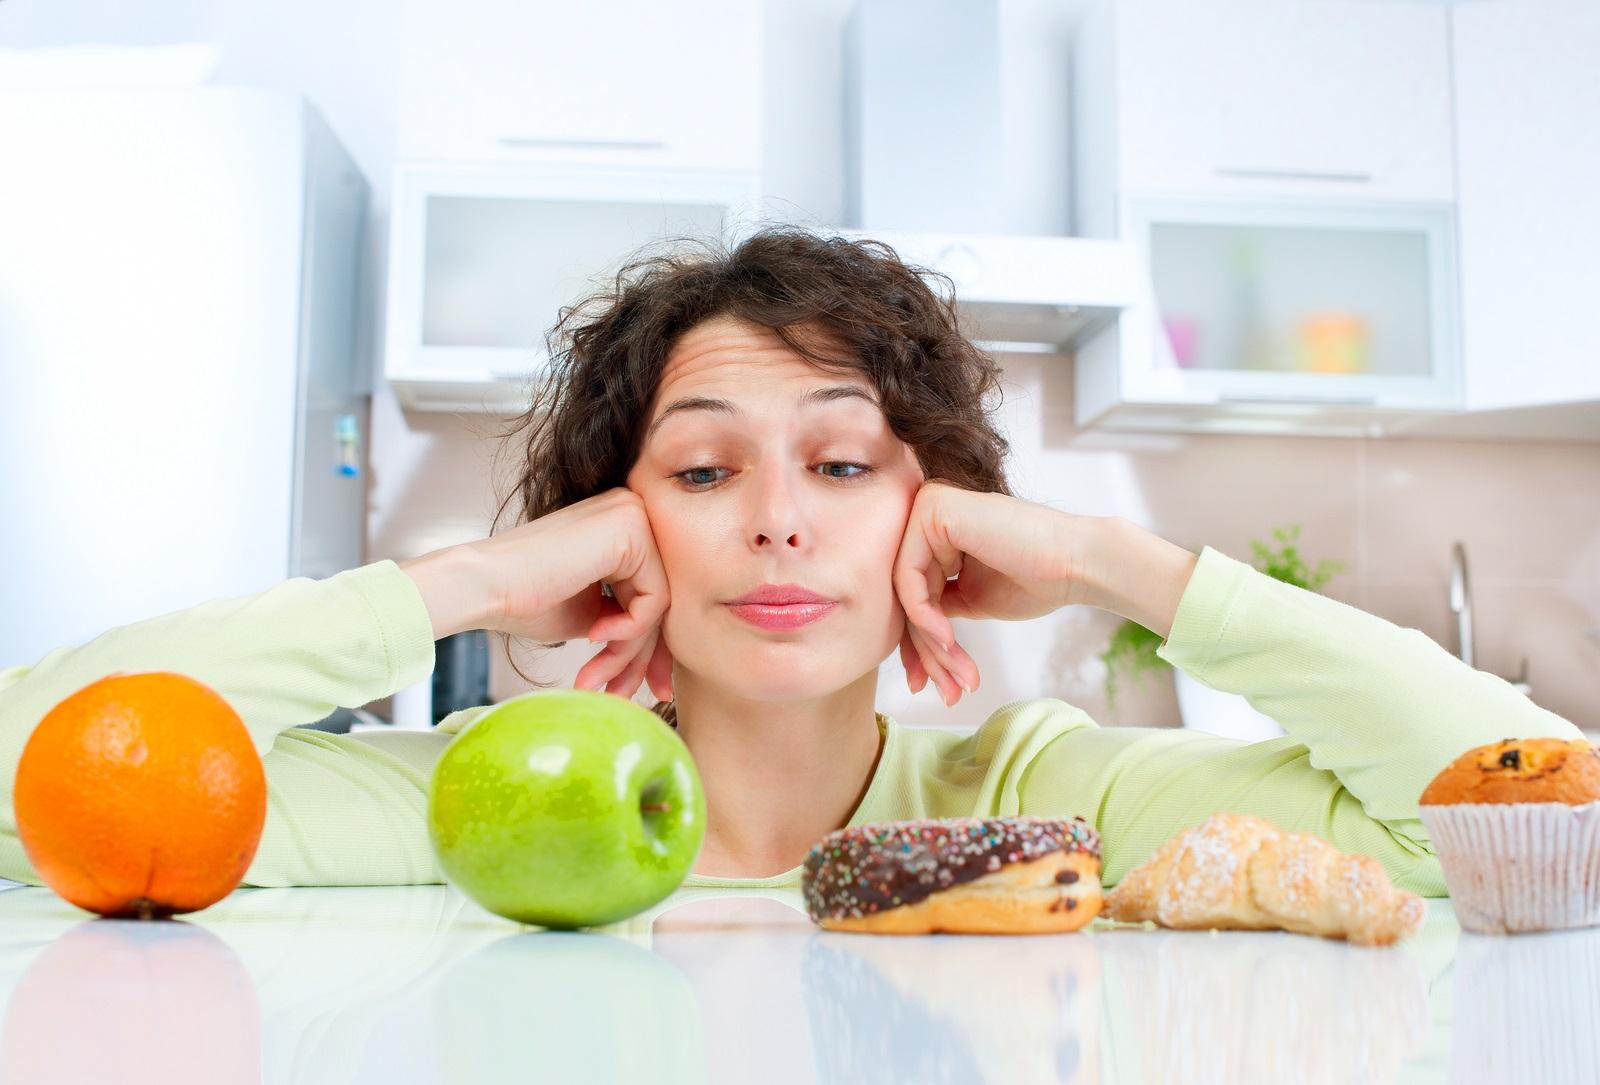 Diyet yaparken motivasyon nasıl sağlanır